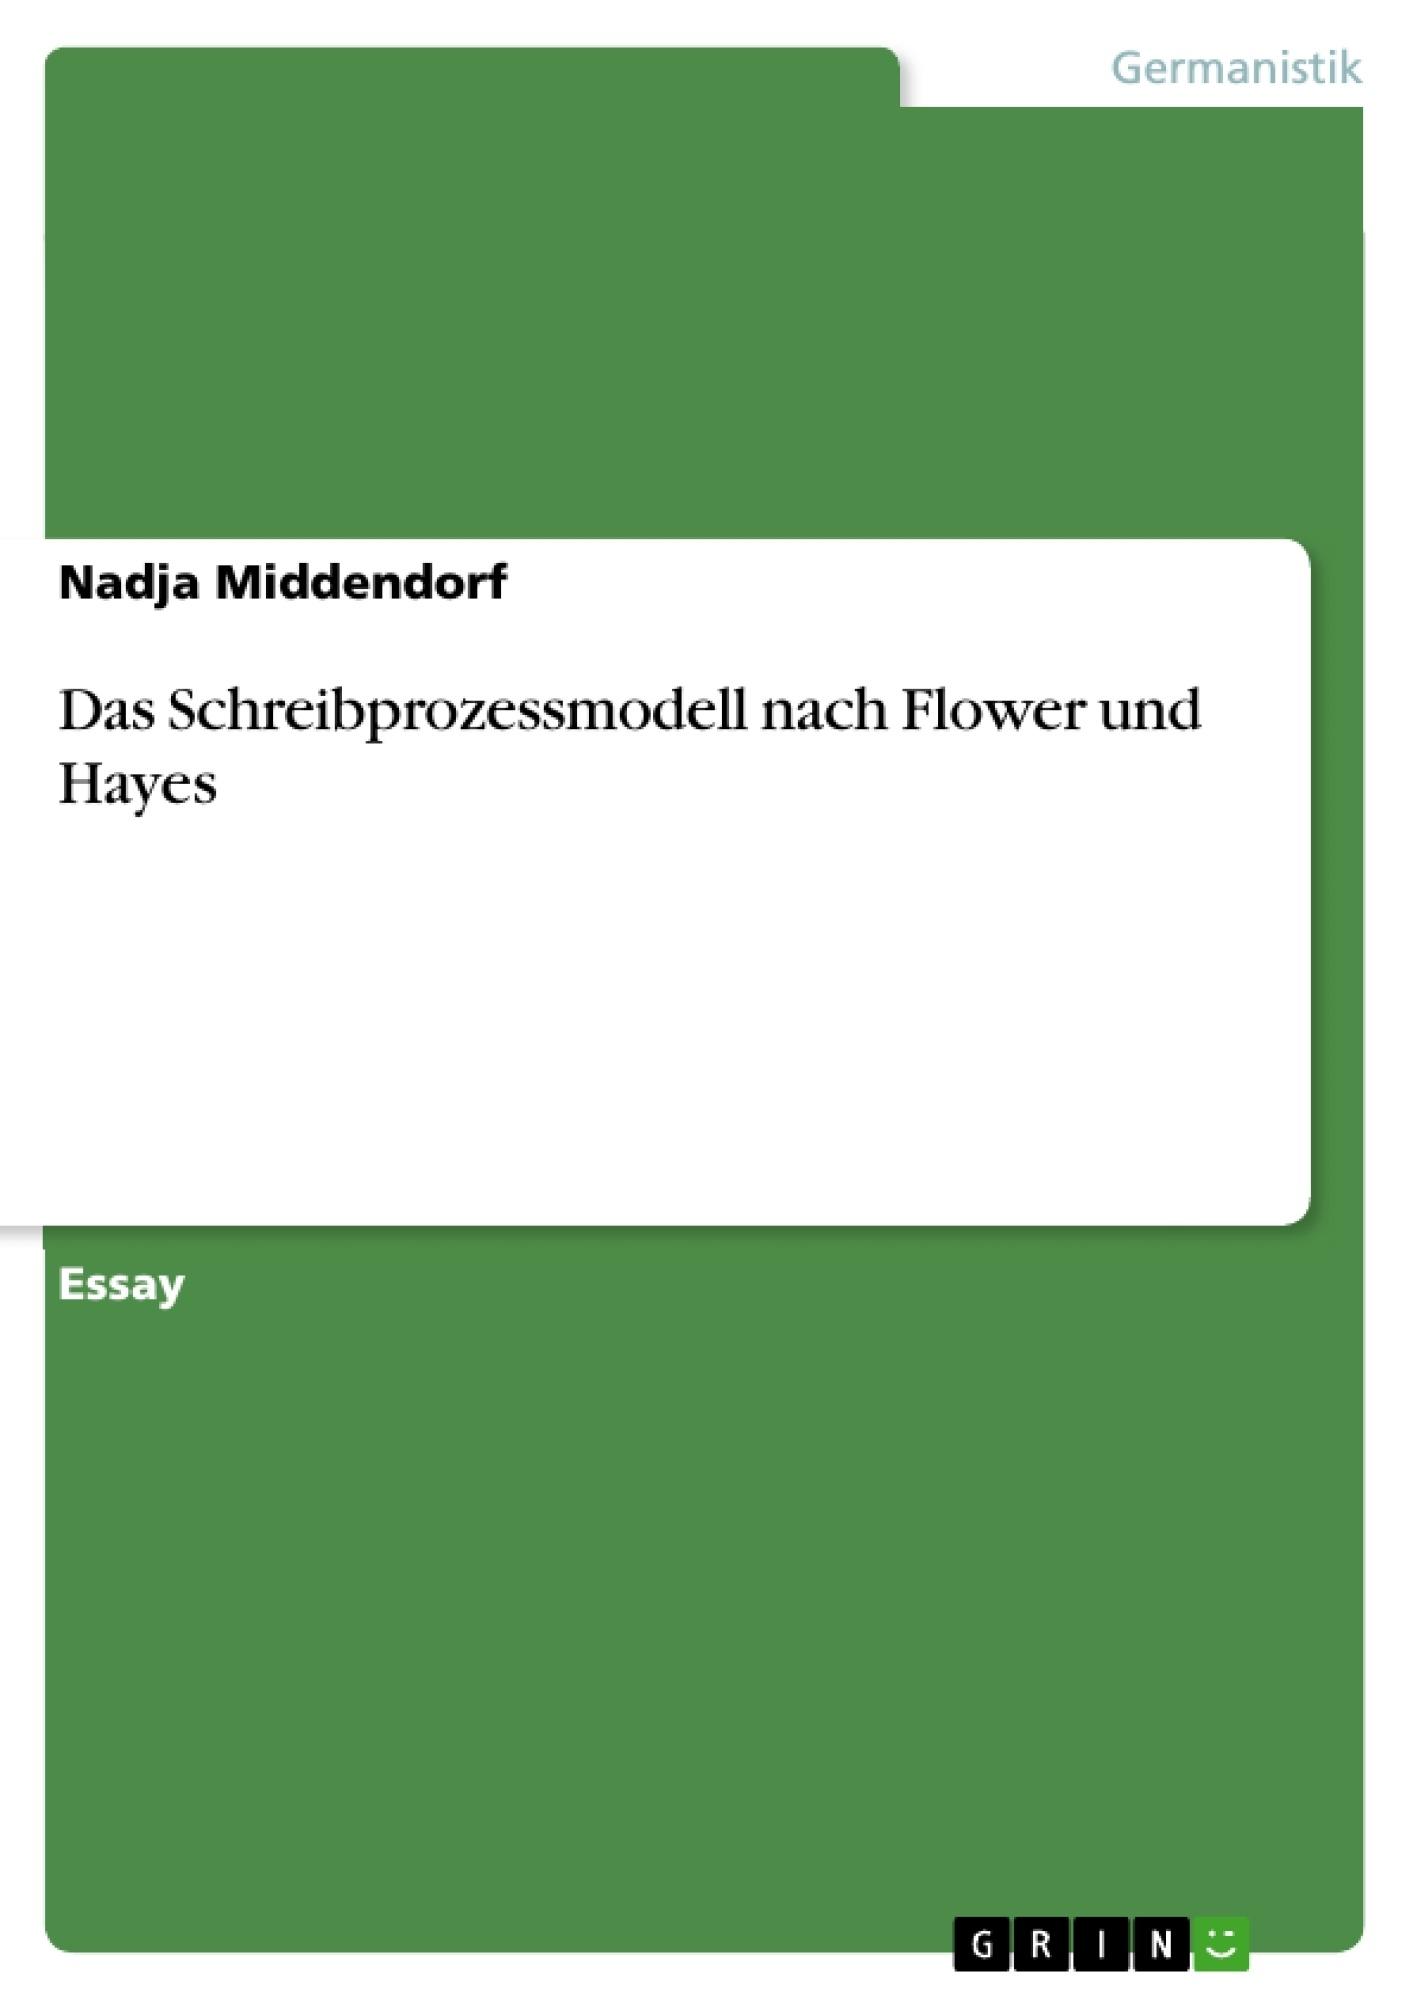 Titel: Das Schreibprozessmodell nach Flower und Hayes